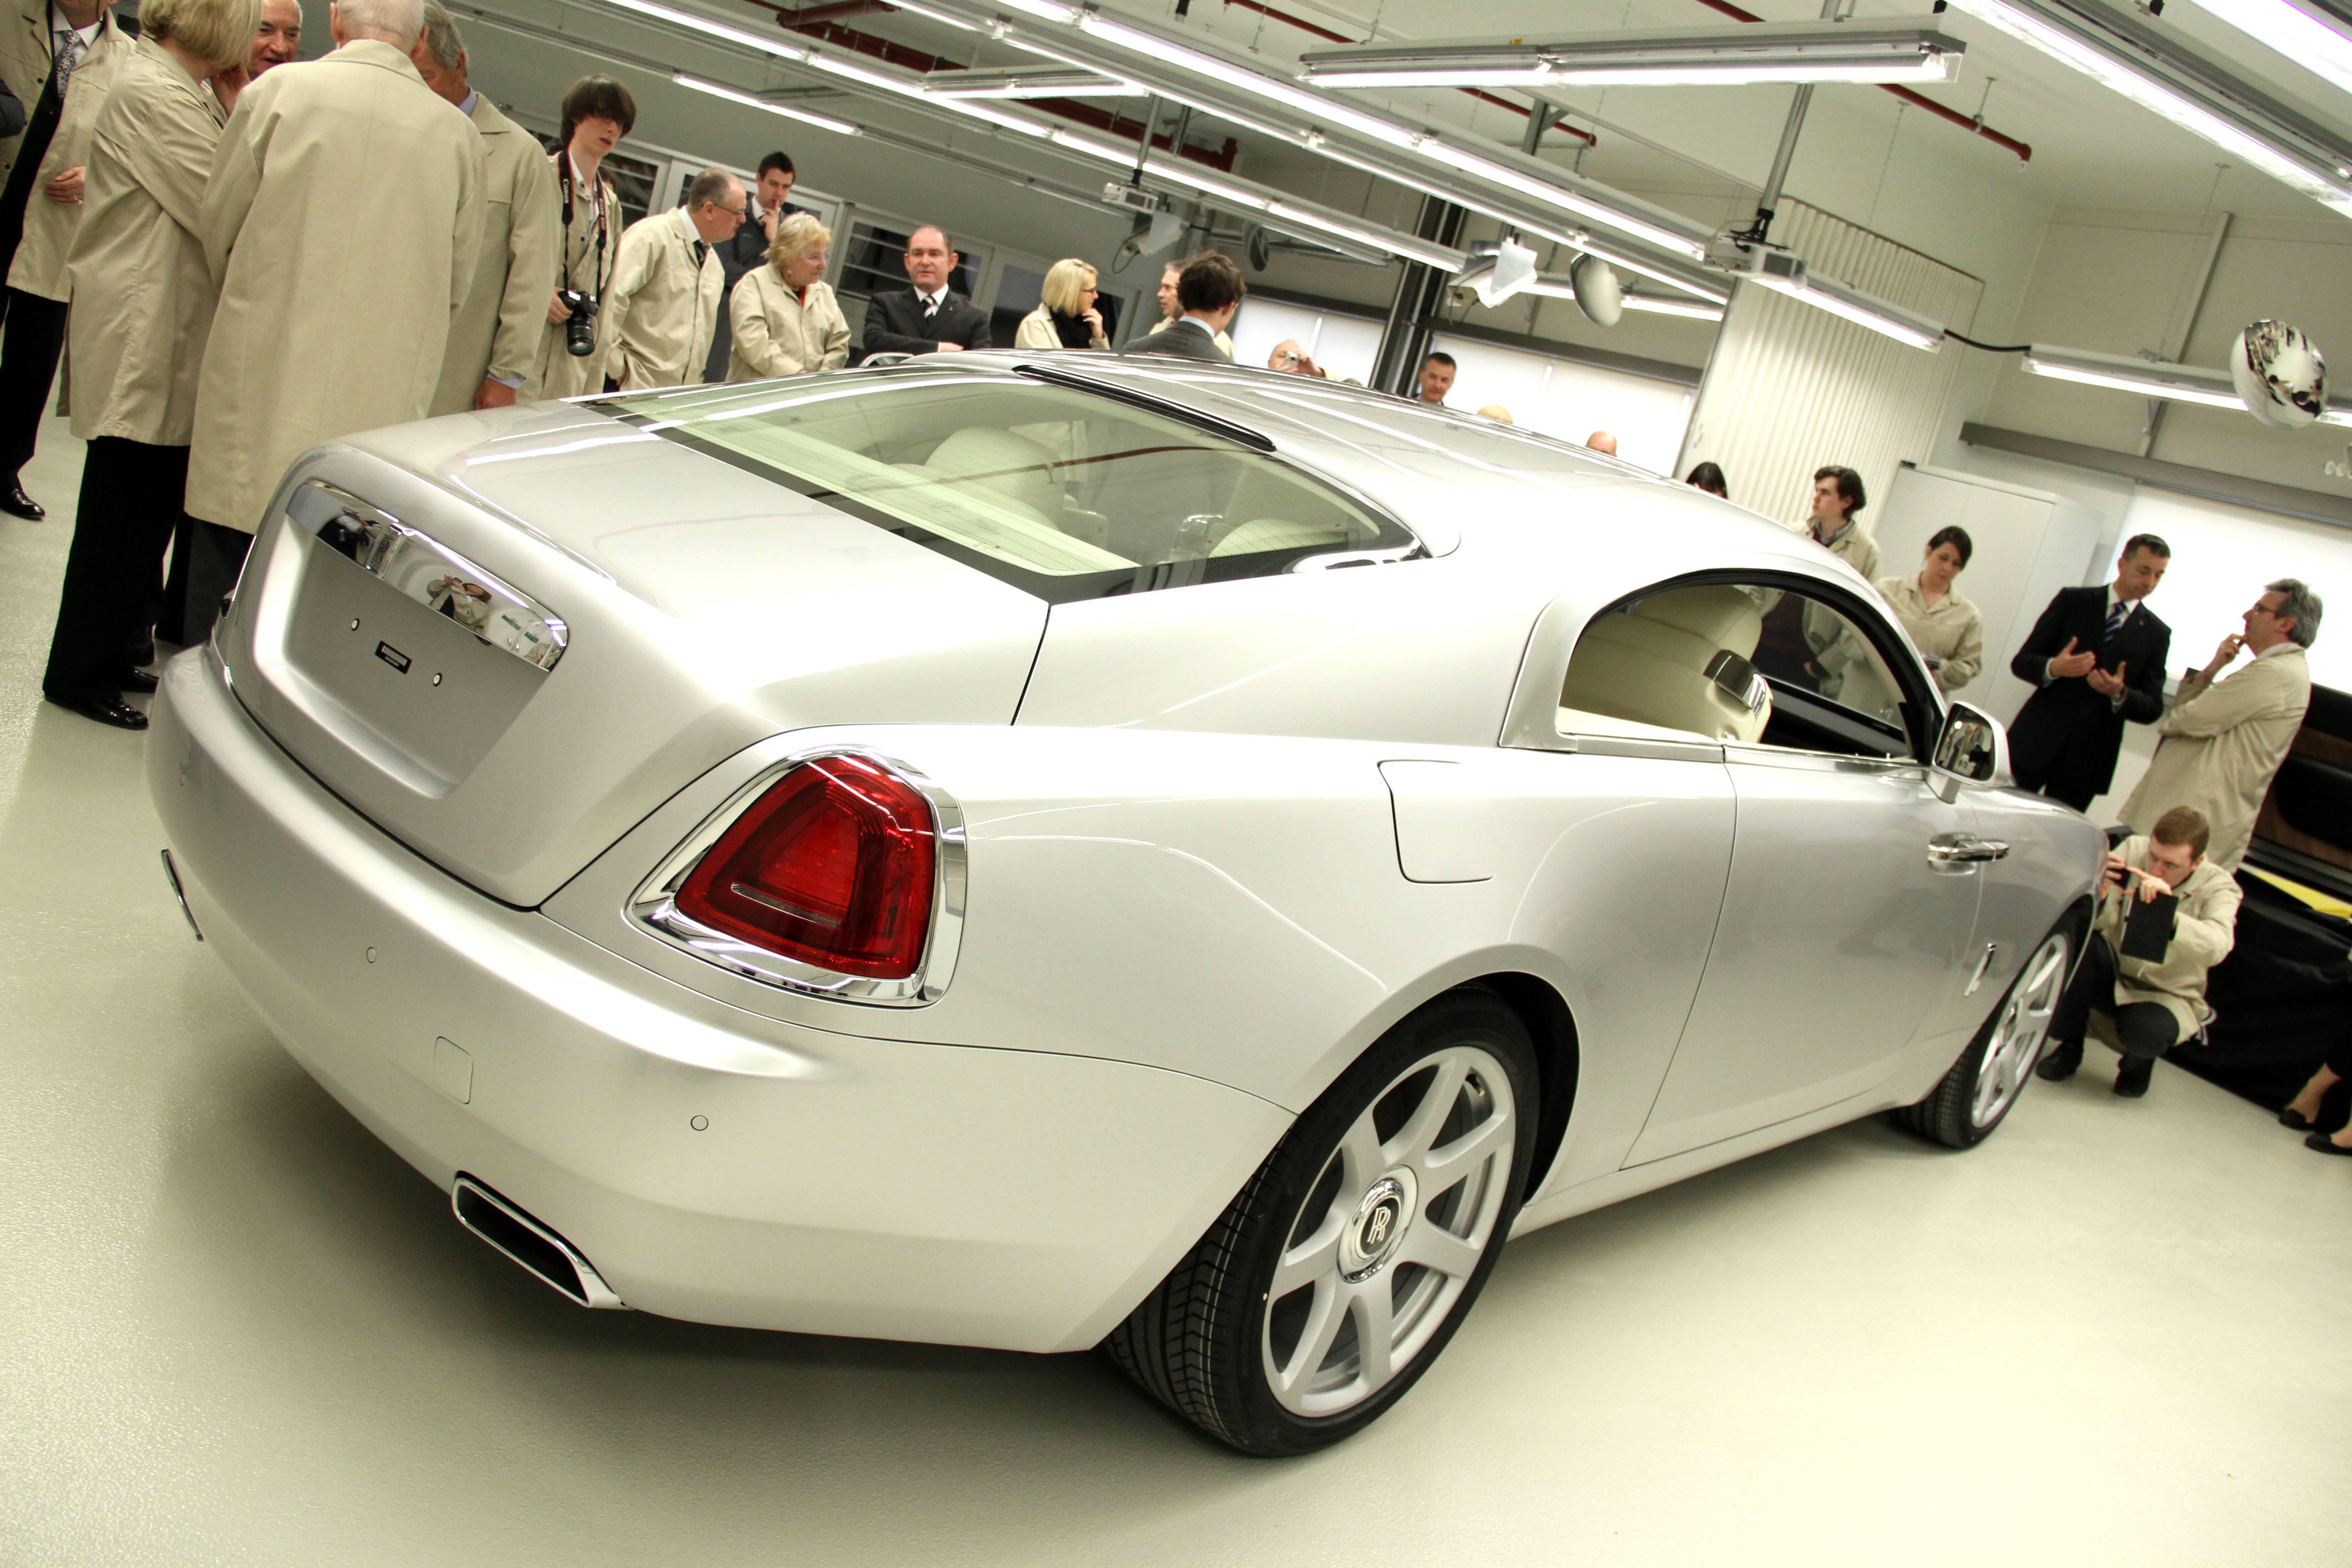 Rolls Royce Wraith Goodwood Launch